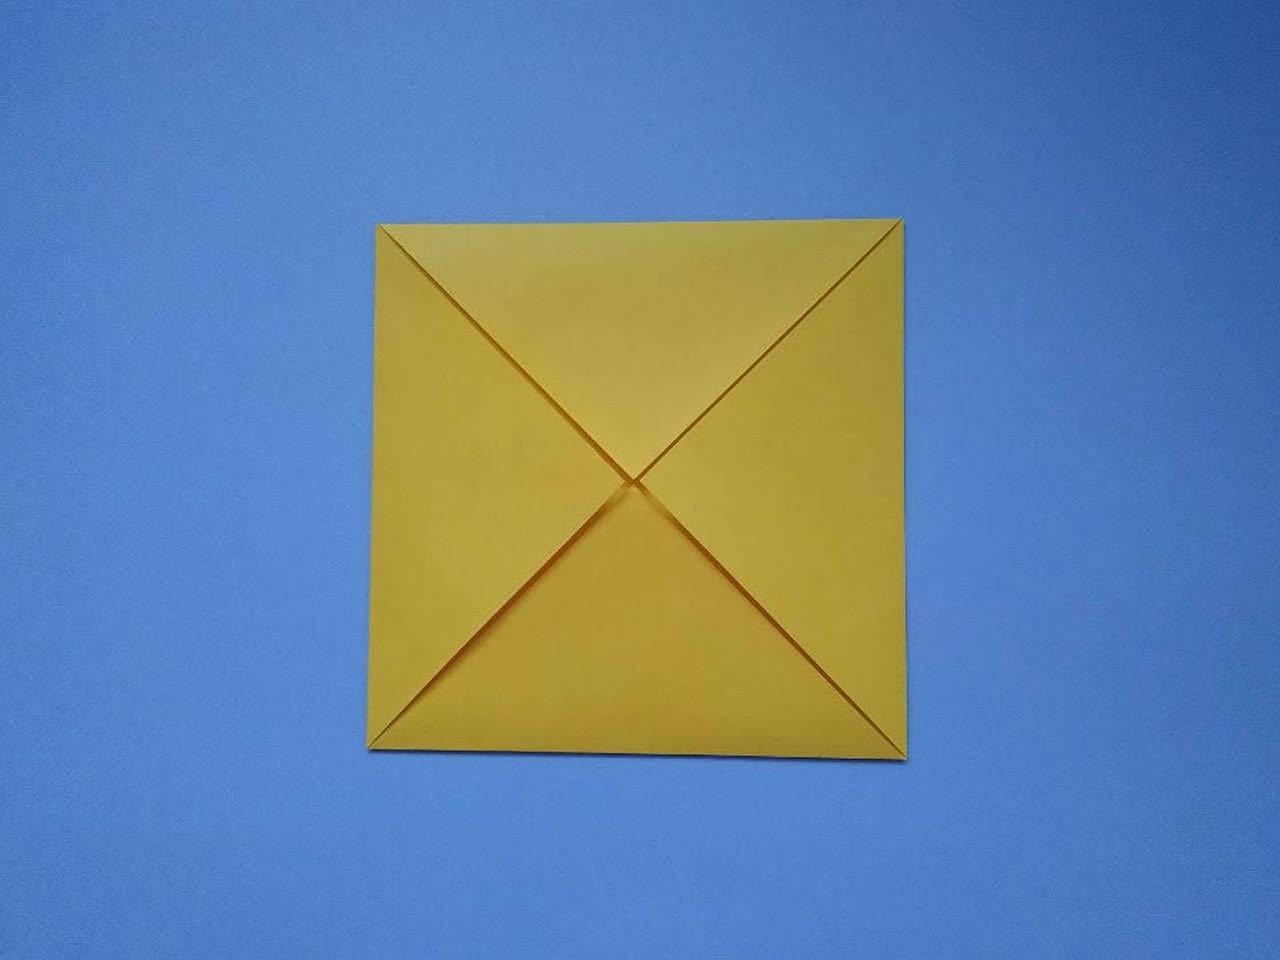 女生都喜欢的爱心收纳盒折纸,做法简单一学就会,手工折纸教程